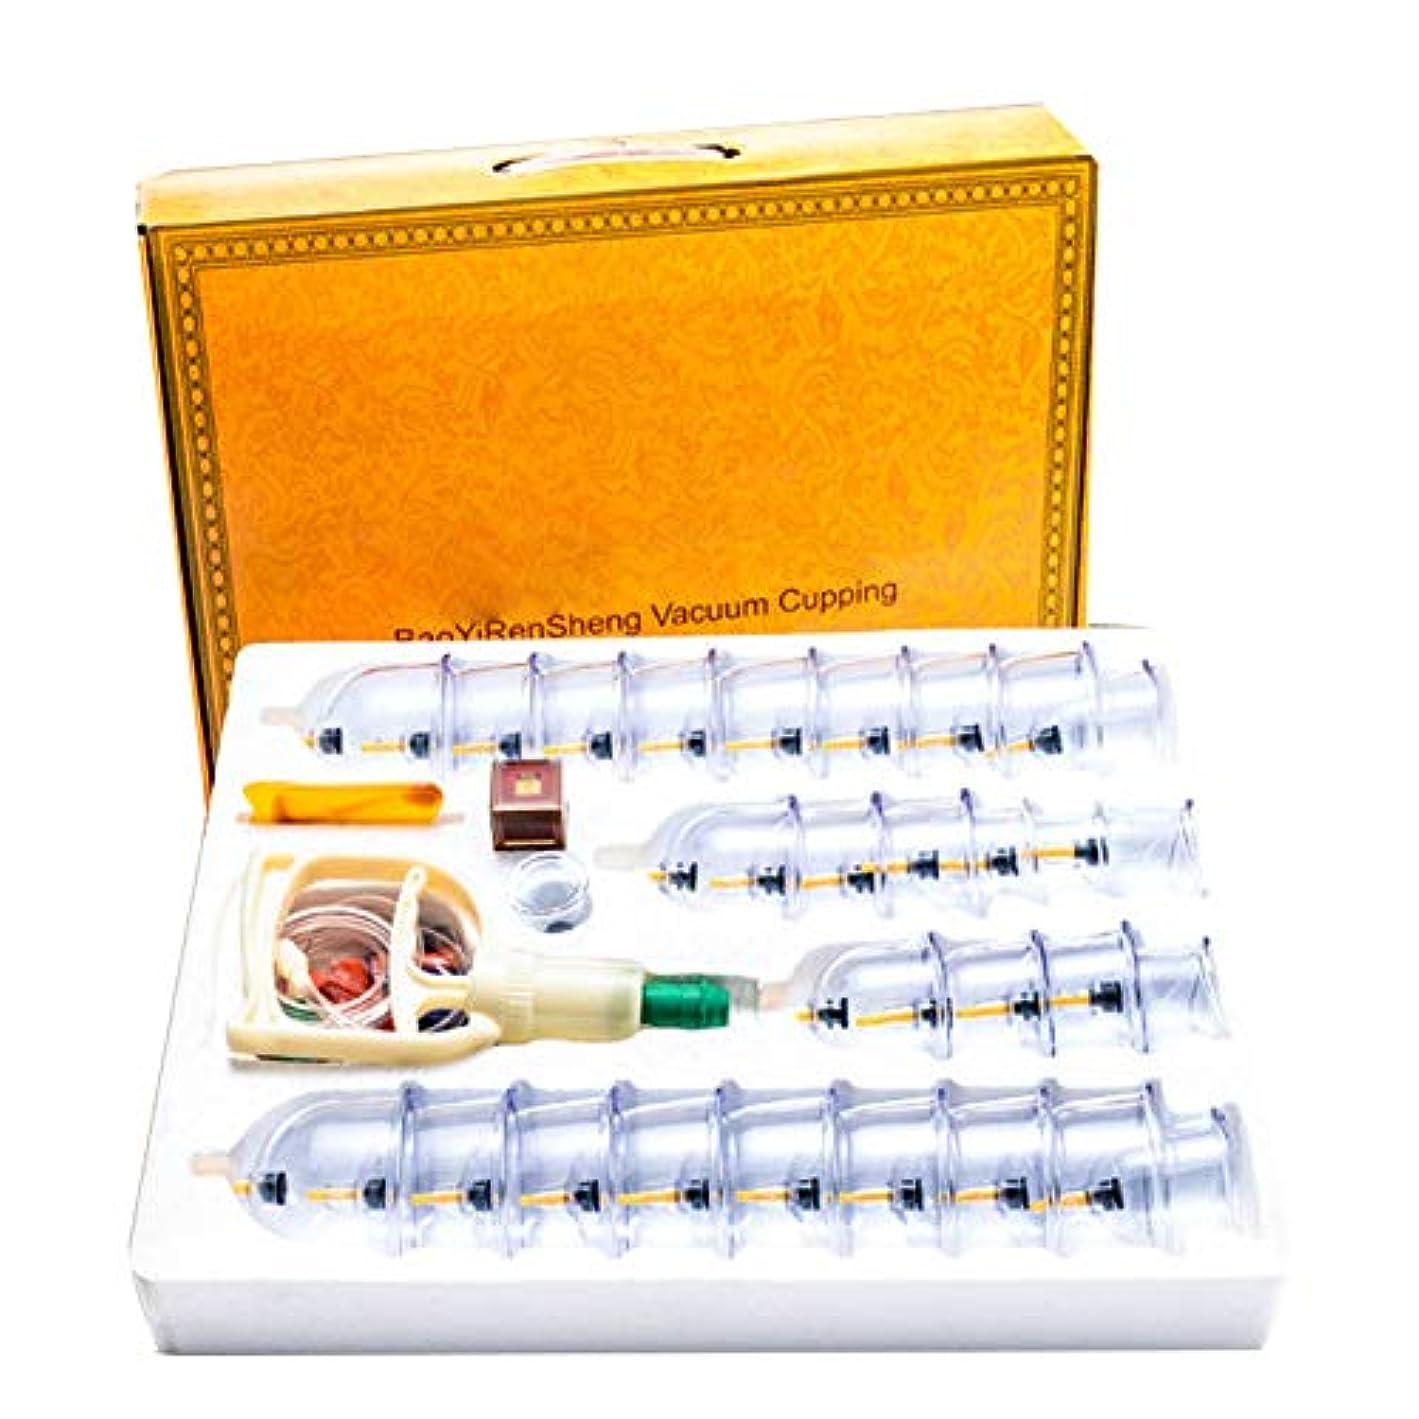 ディスコ時計回りトレイ30カップマッサージカッピングセット、真空吸引磁気ポンププロフェッショナル、ボディマッサージの痛みを軽減する理学療法ポンプガン延長チューブで毒素を排出